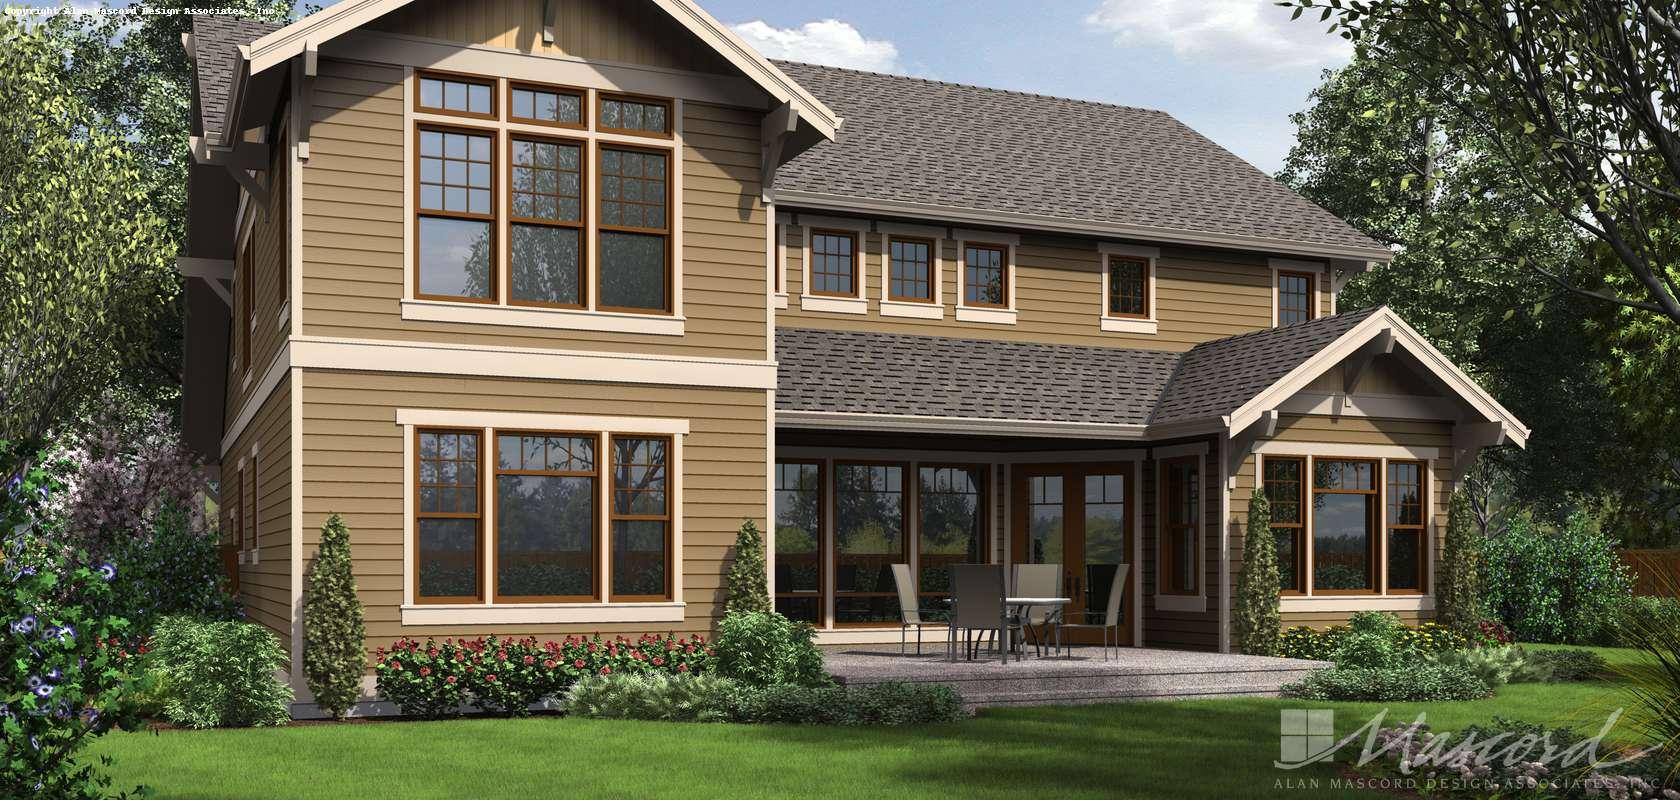 Mascord House Plan 2469: The Tualatin